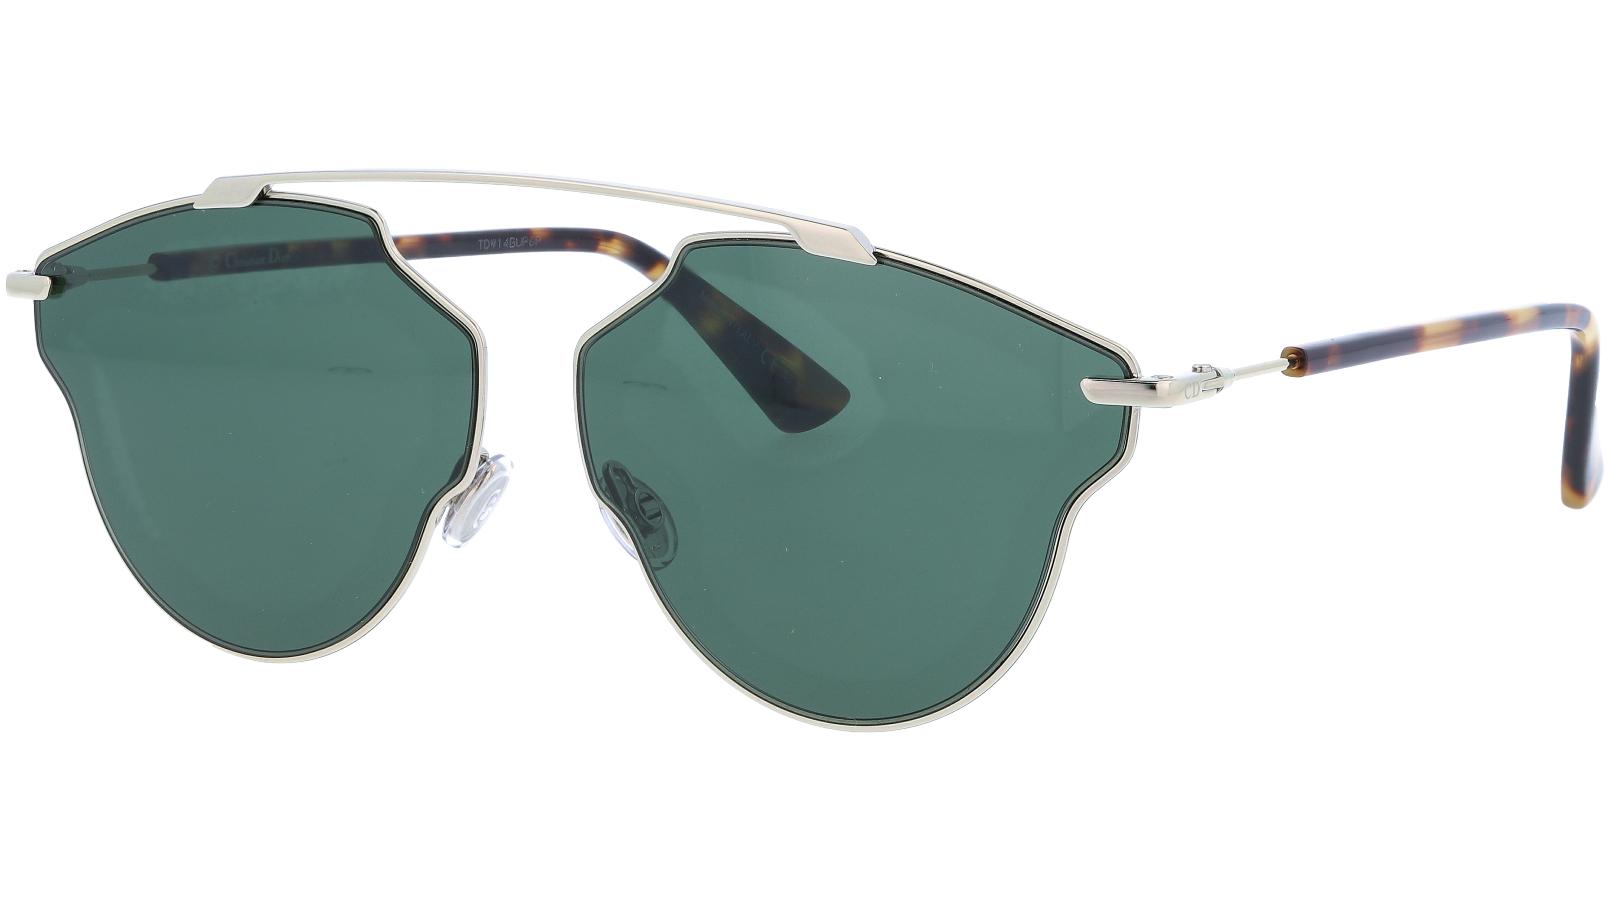 DIOR DIORSOREALPOP 000HO 59 ROSE Sunglasses